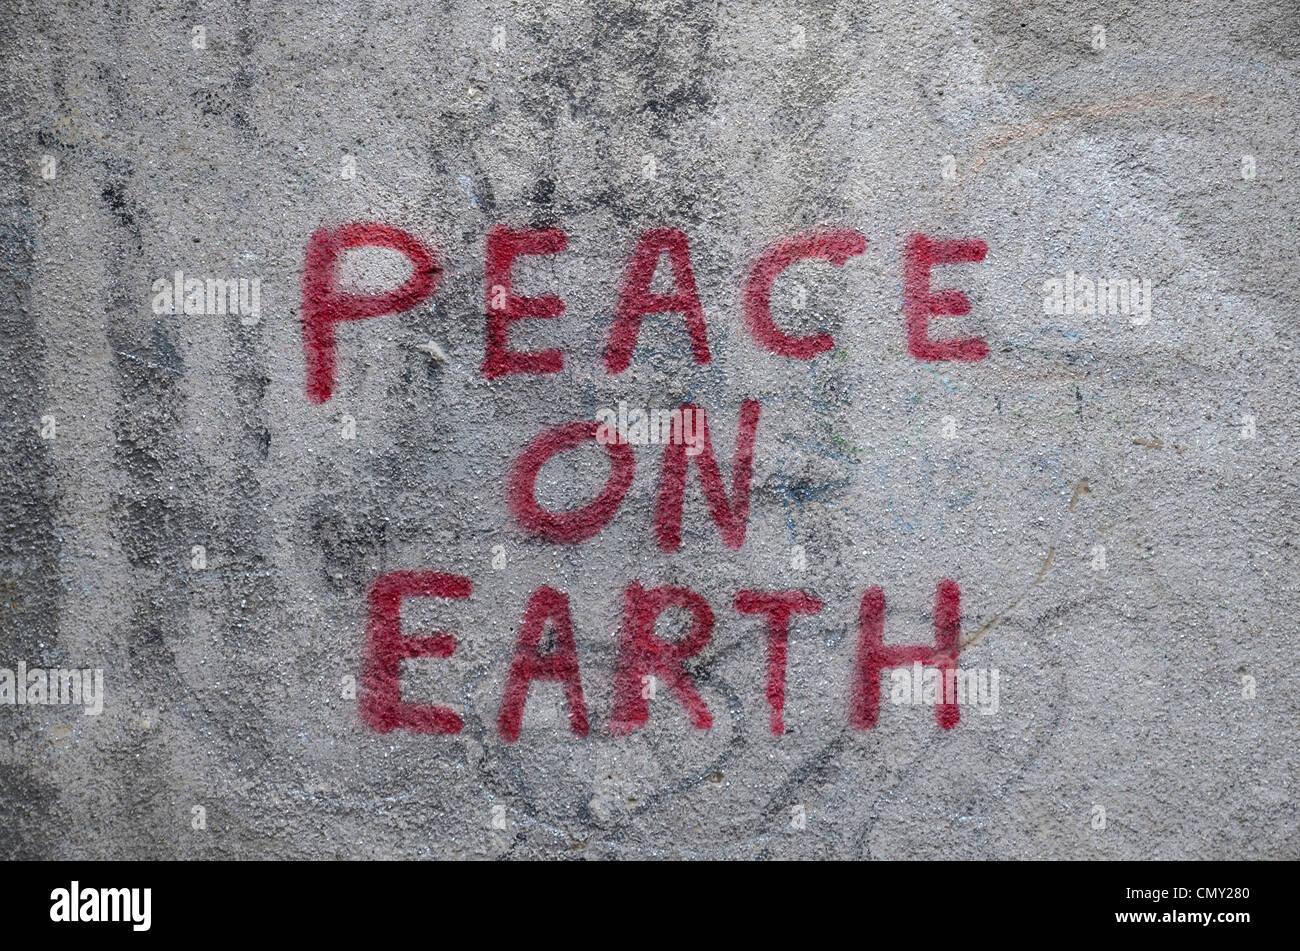 Traditionelle Weihnachtsbotschaft als Graffiti, nützlich als Alternative Weihnachtskarte Design! Stockbild